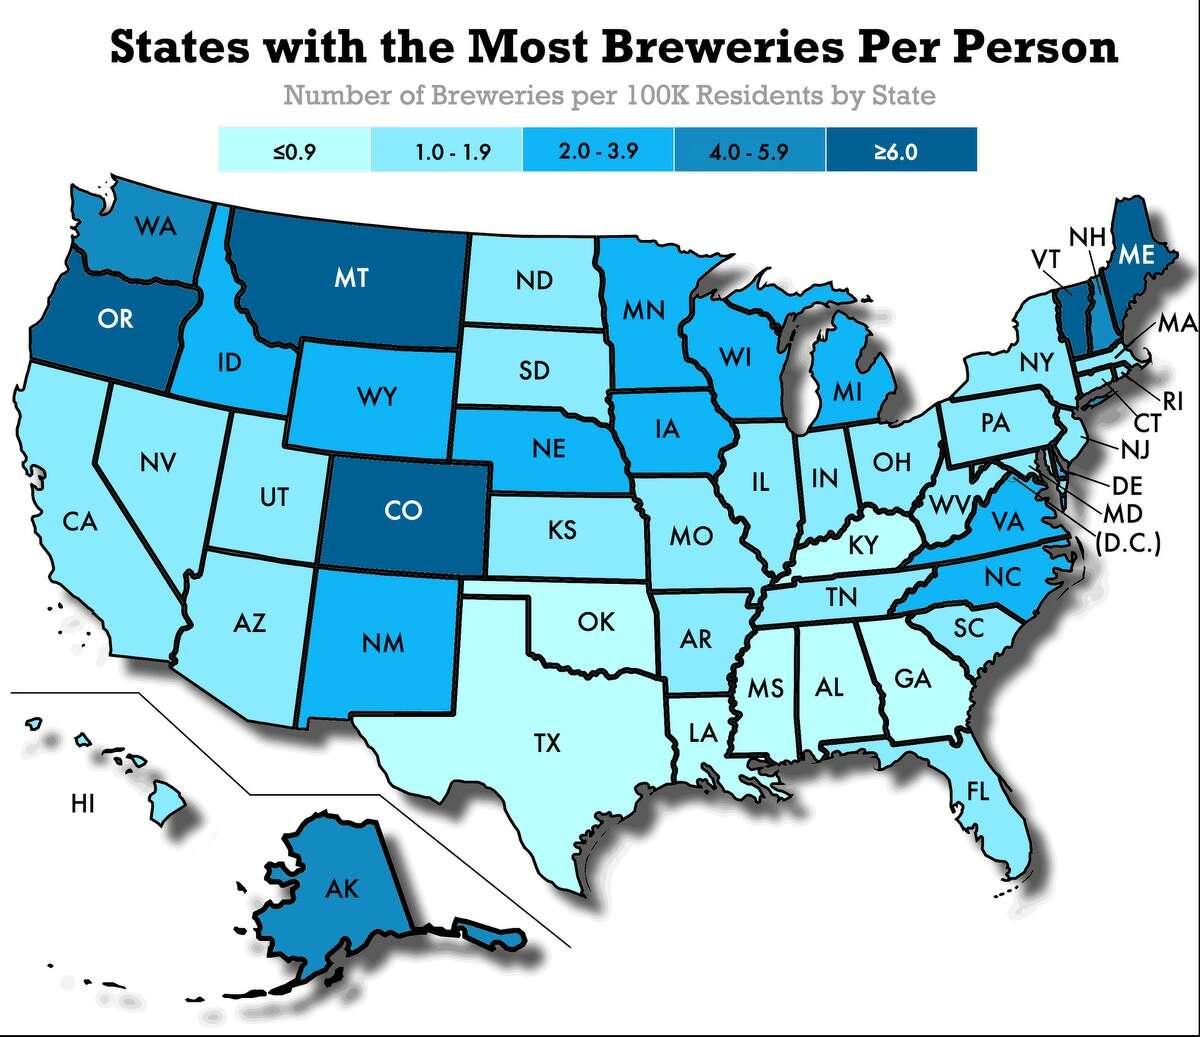 Breweries per capita in each state.